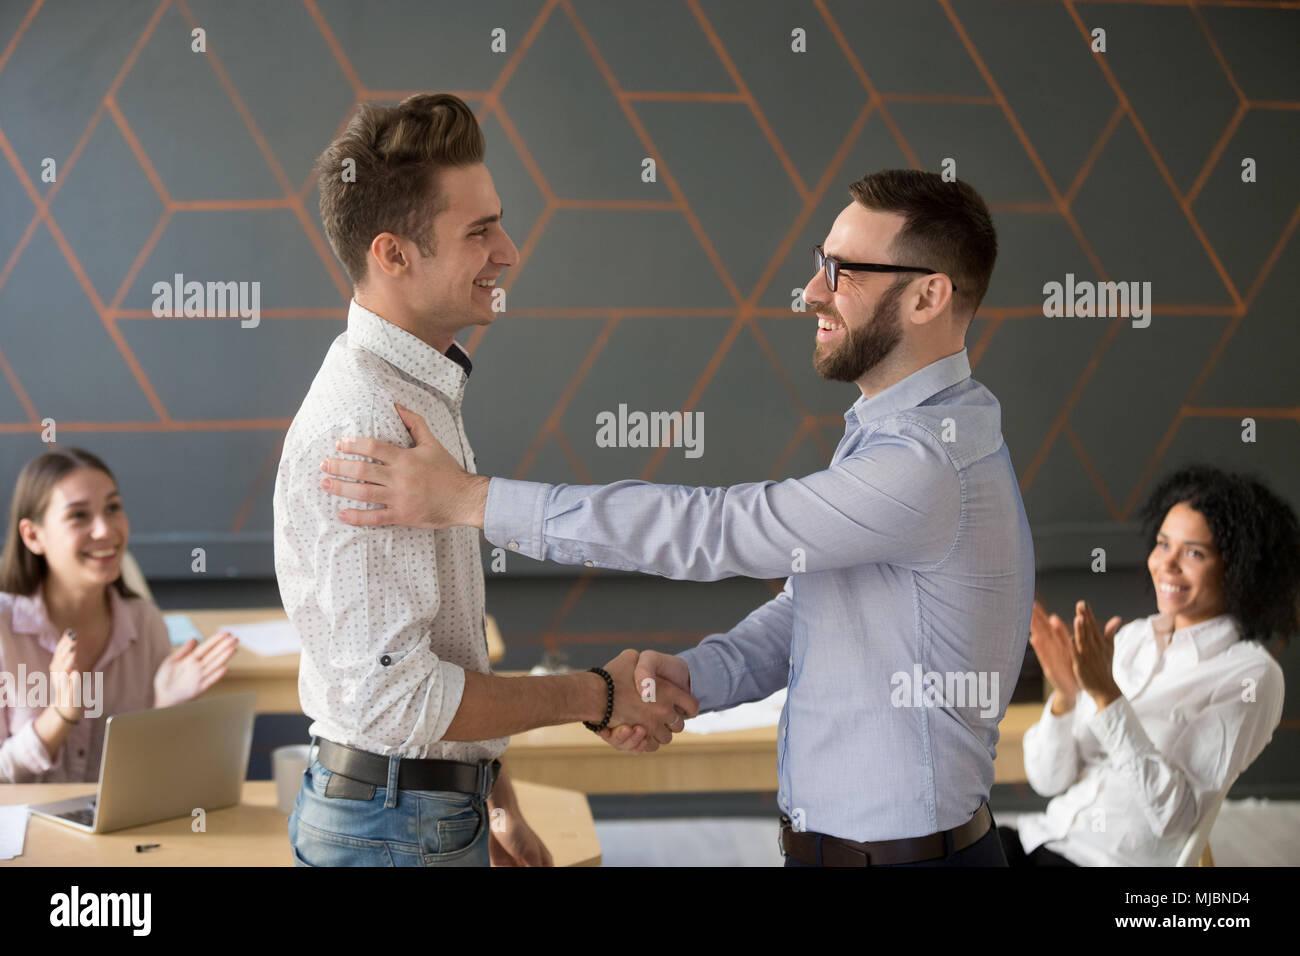 Teamleiter handshaking Mitarbeiter gratulieren mit Professional Stockbild